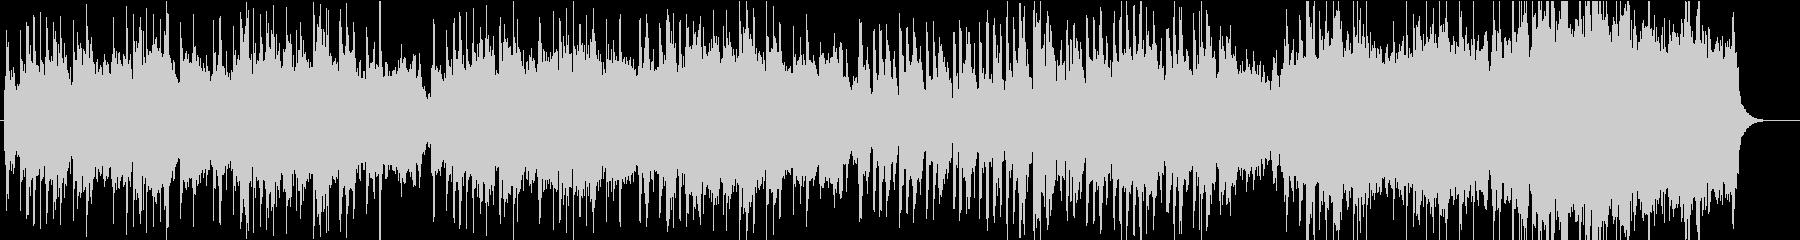 愛の挨拶 オルゴールオーケストラverの未再生の波形